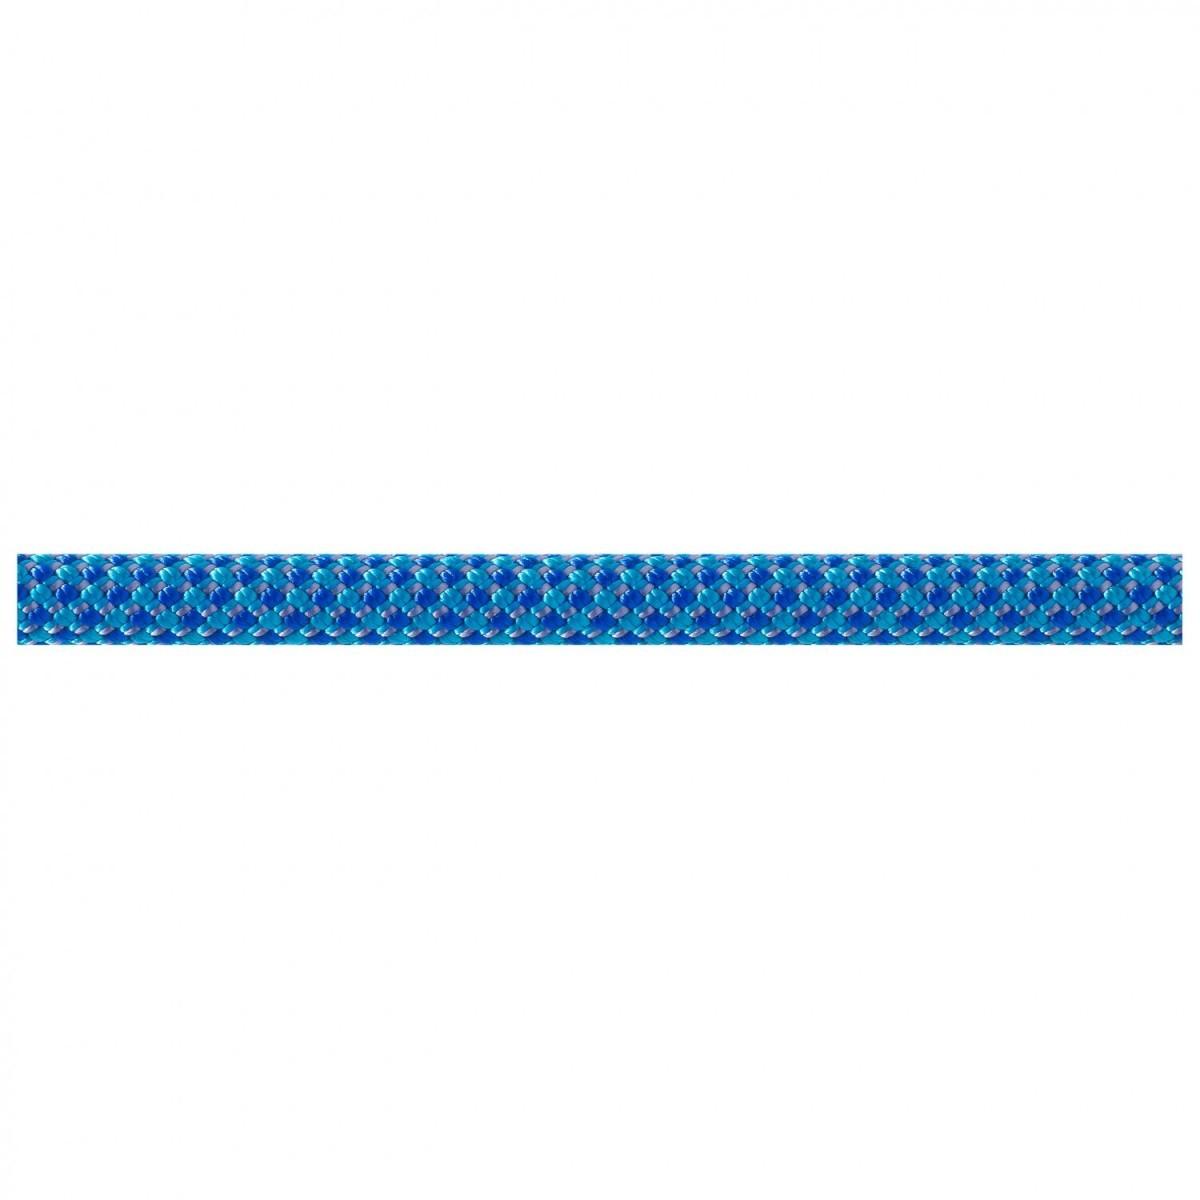 BEAL べアール Joker 9.1 mm (70m - Blue)★ロープ・ザイル・登山・クライミング★